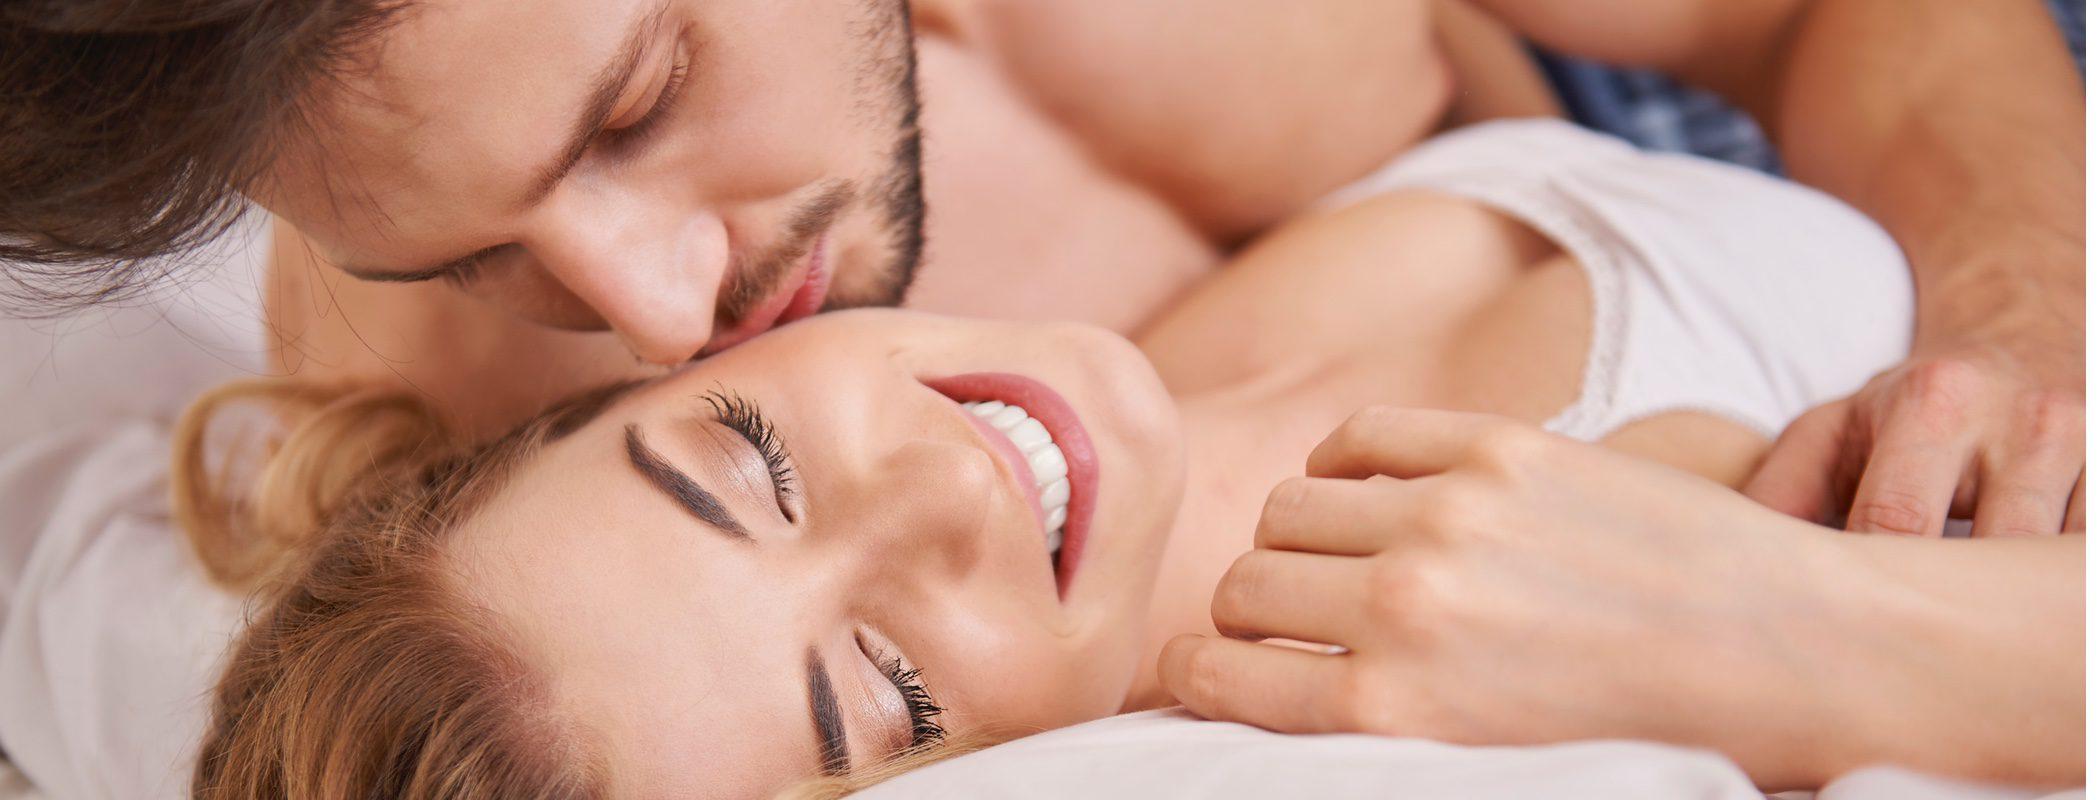 ¿Qué es el sex appeal?